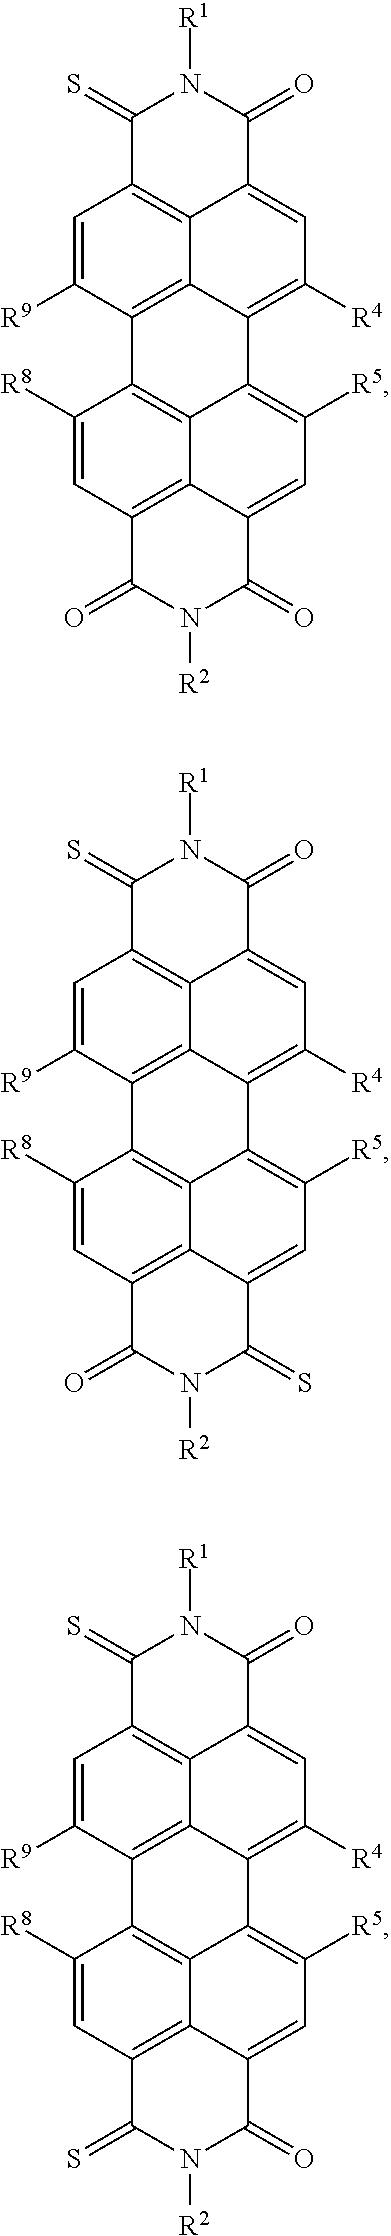 Figure US08440828-20130514-C00079